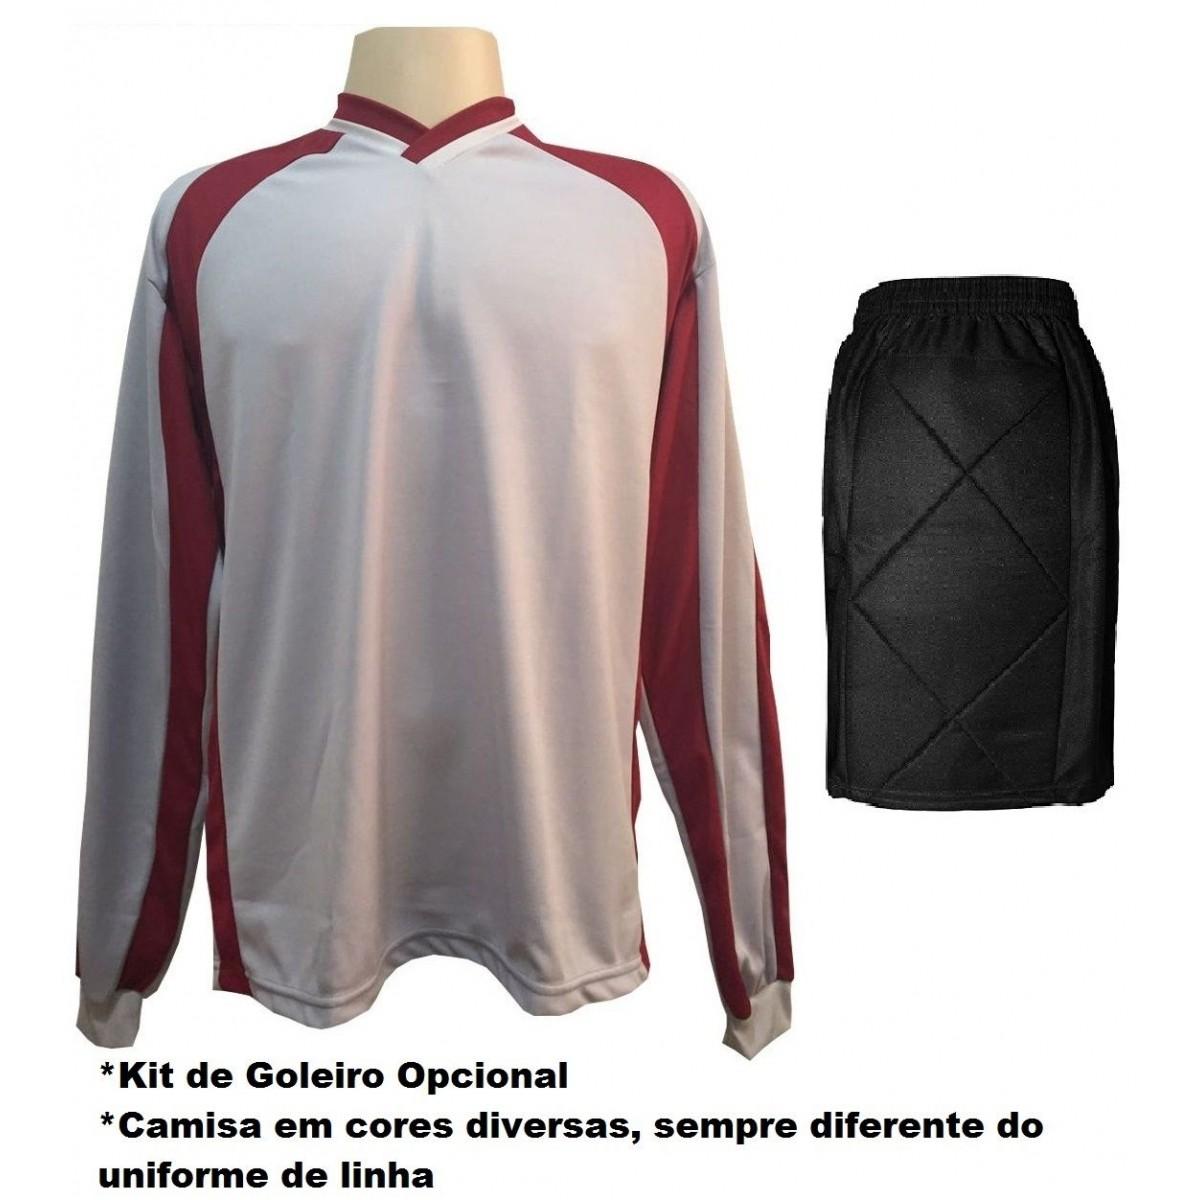 Uniforme Esportivo com 14 Camisas modelo Boca Juniors Royal/Amarelo + Calções modelo Madrid Amarelo + Brindes